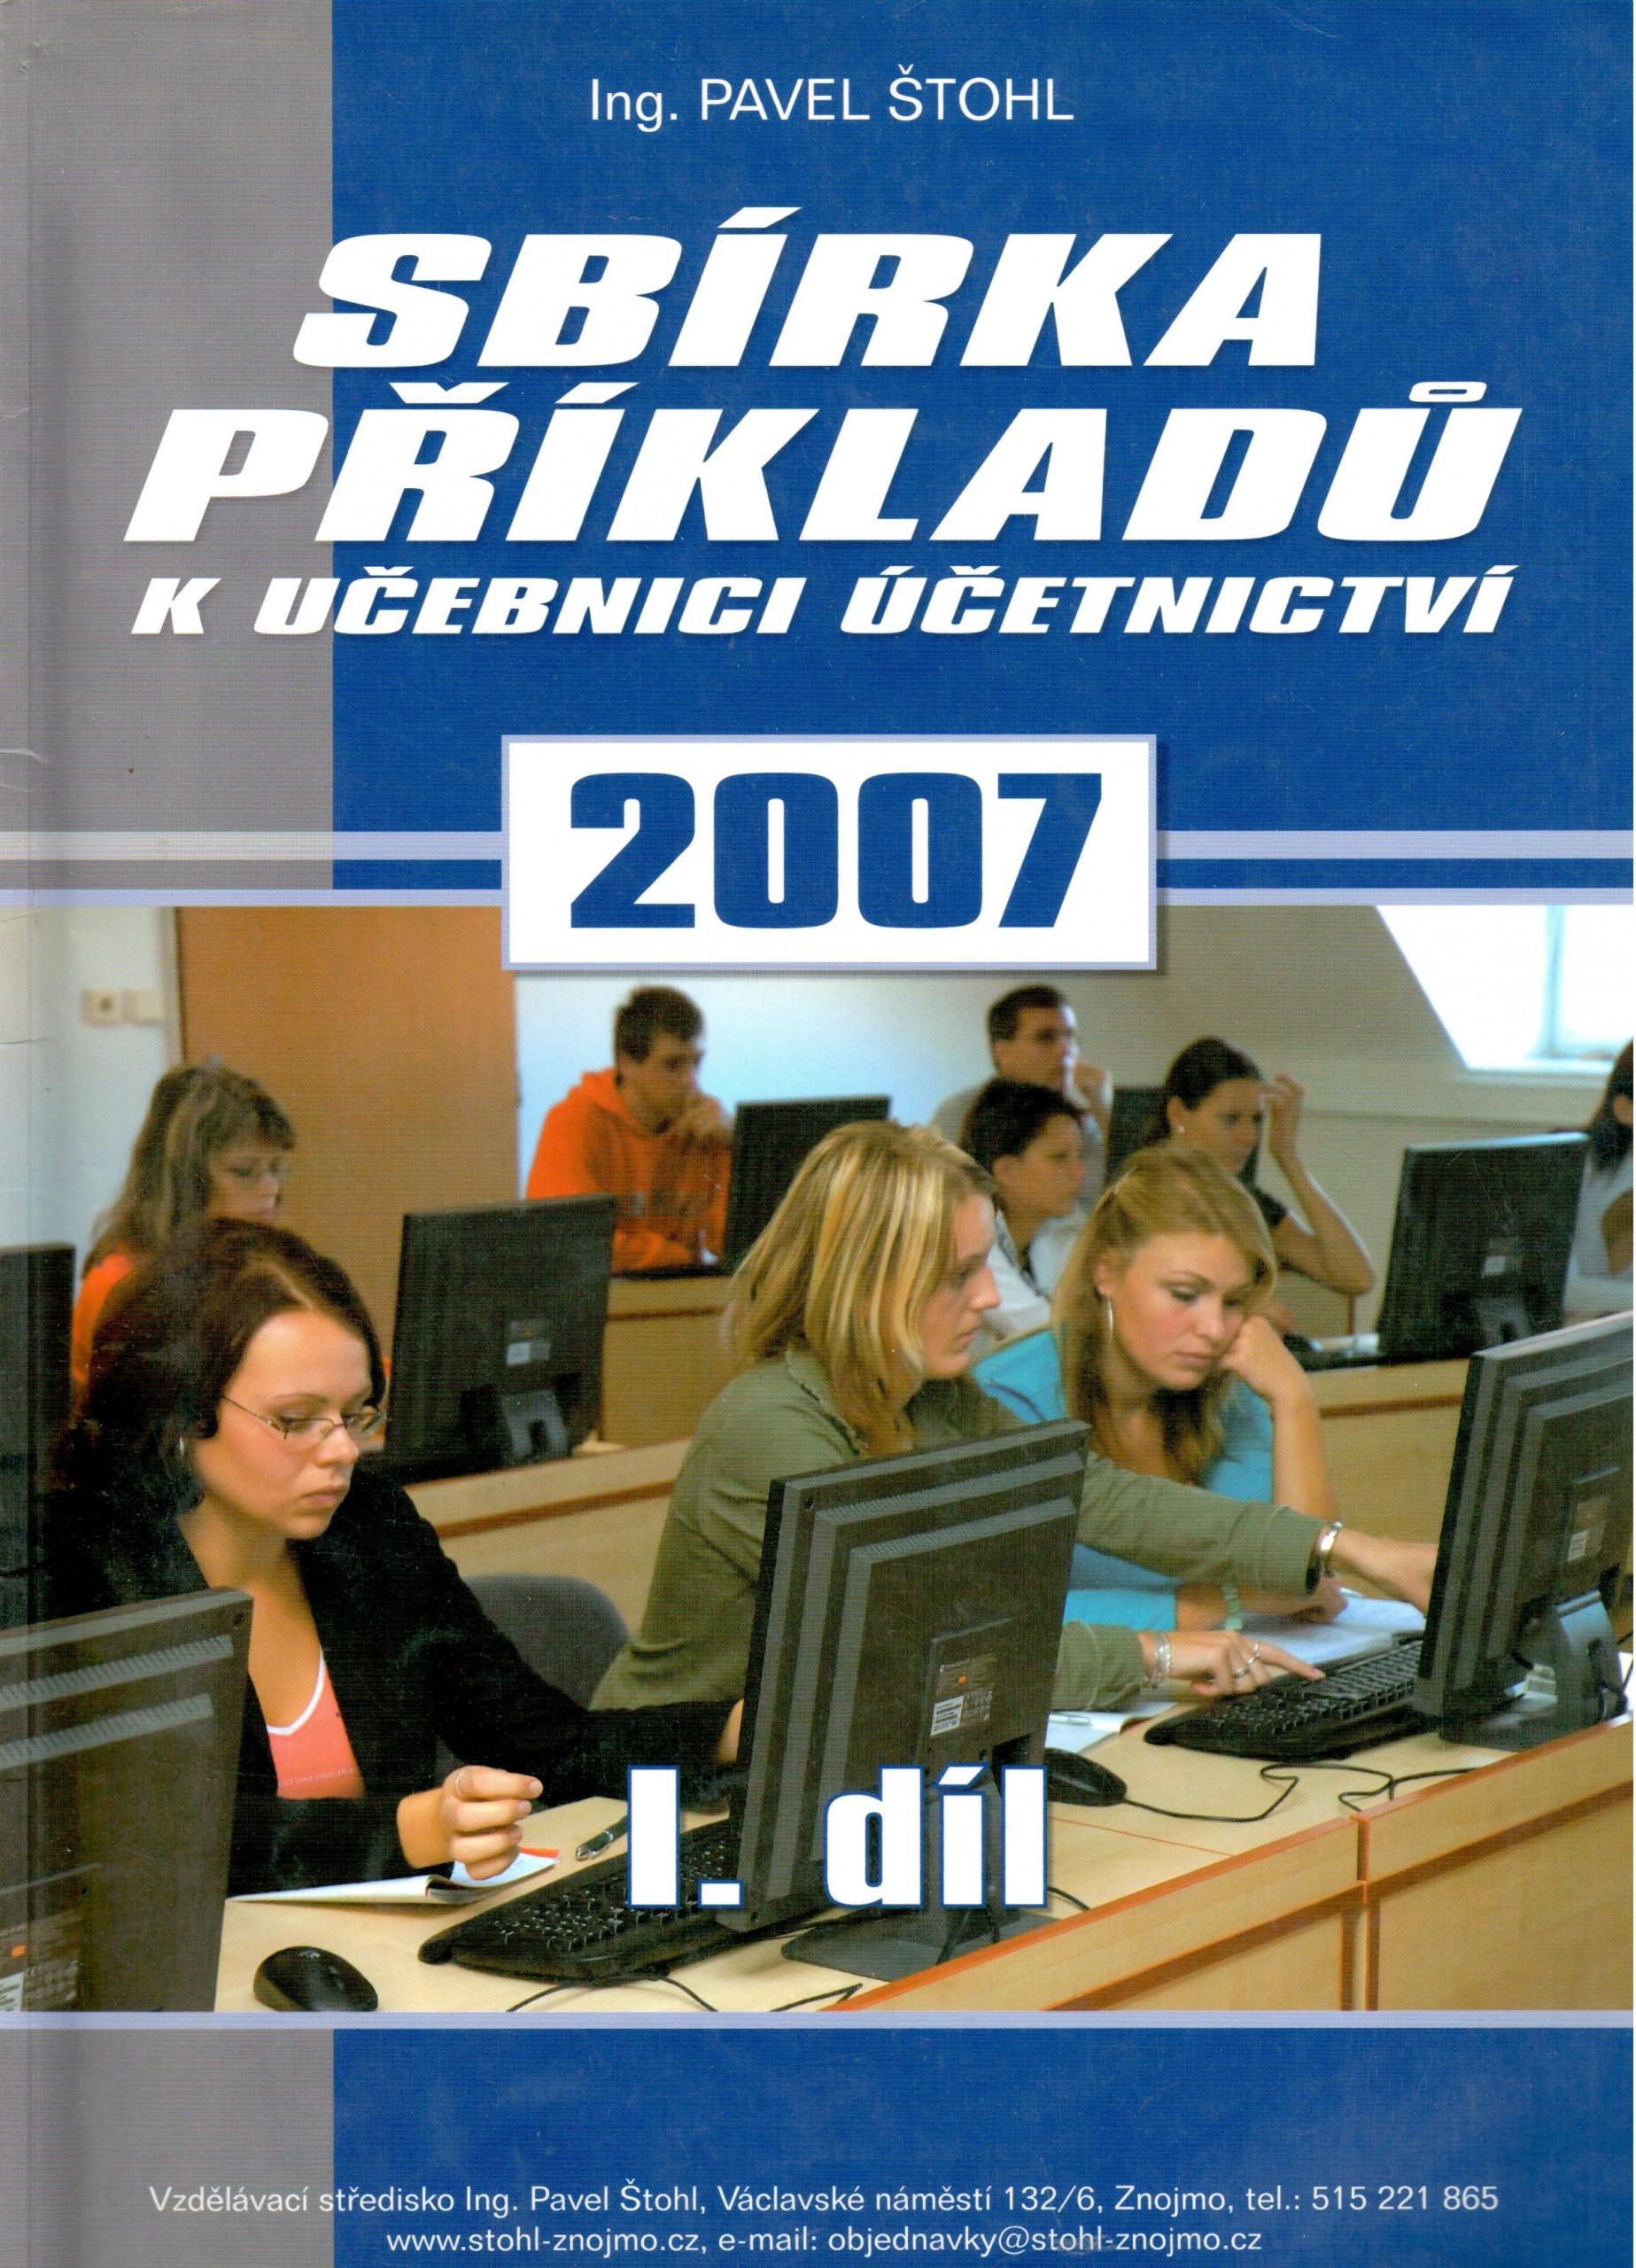 Sbírka příkladů k Učebnici účetnictví 2007 (1. díl) - Náhled učebnice